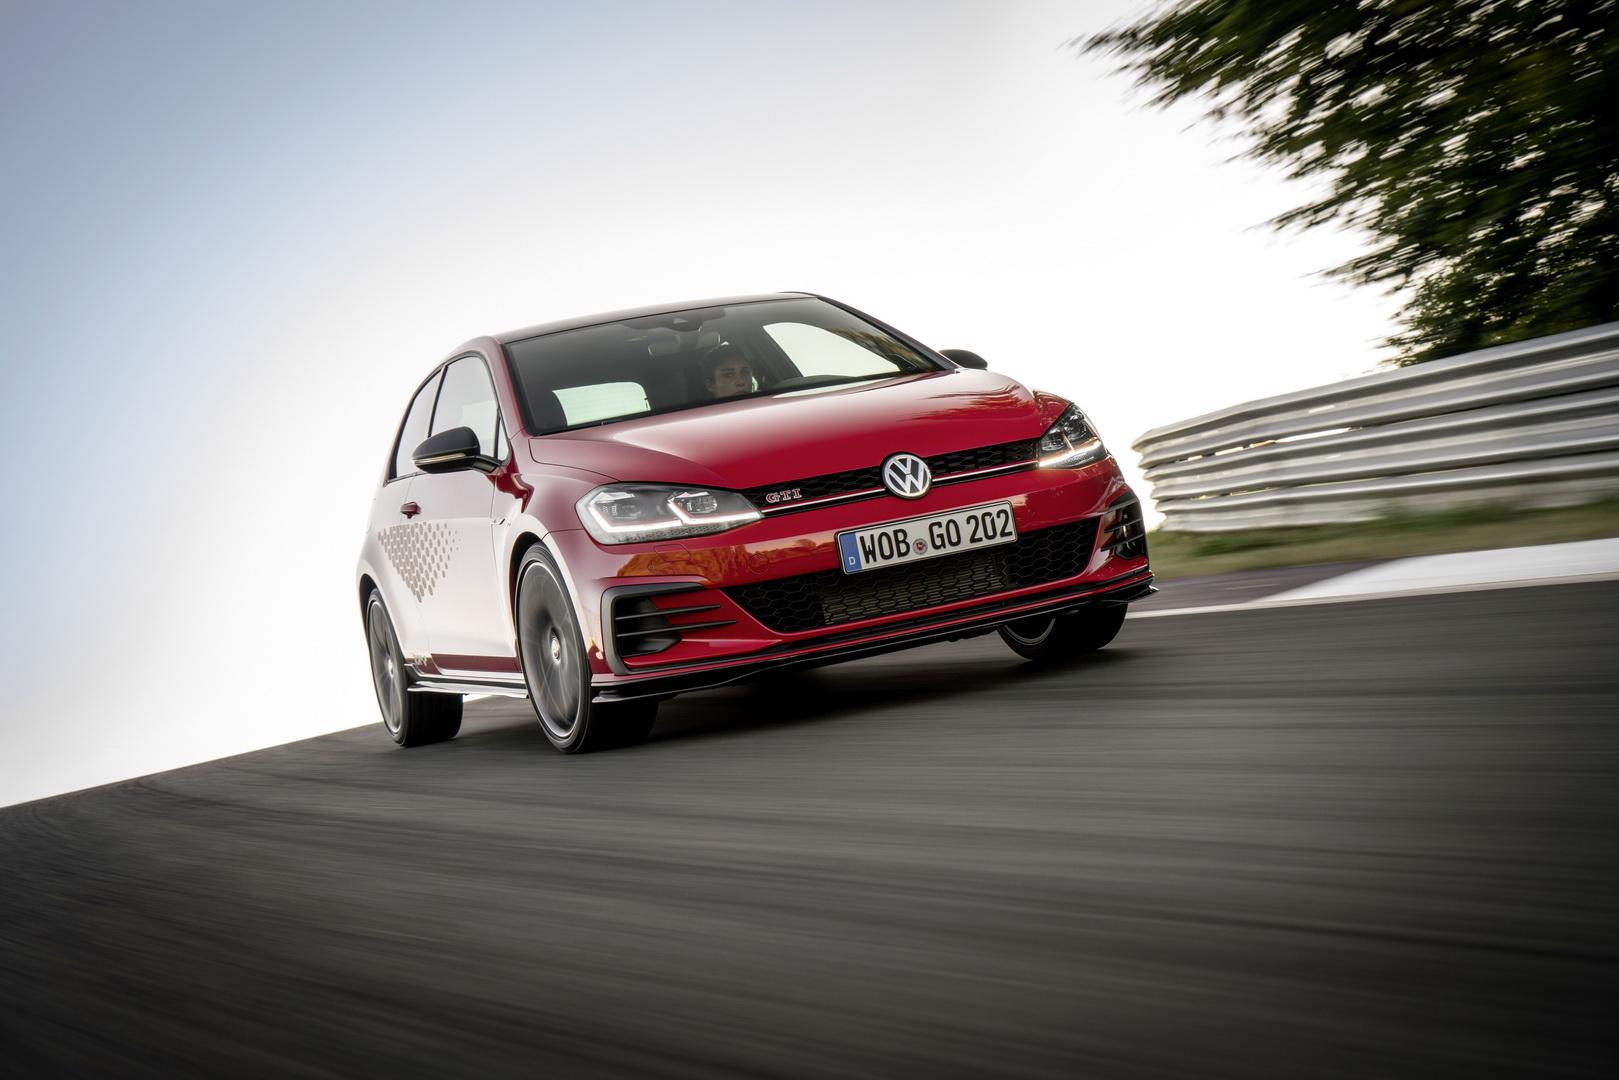 Noul Volkswagen Golf GTI TCR - Informații și fotografii oficiale